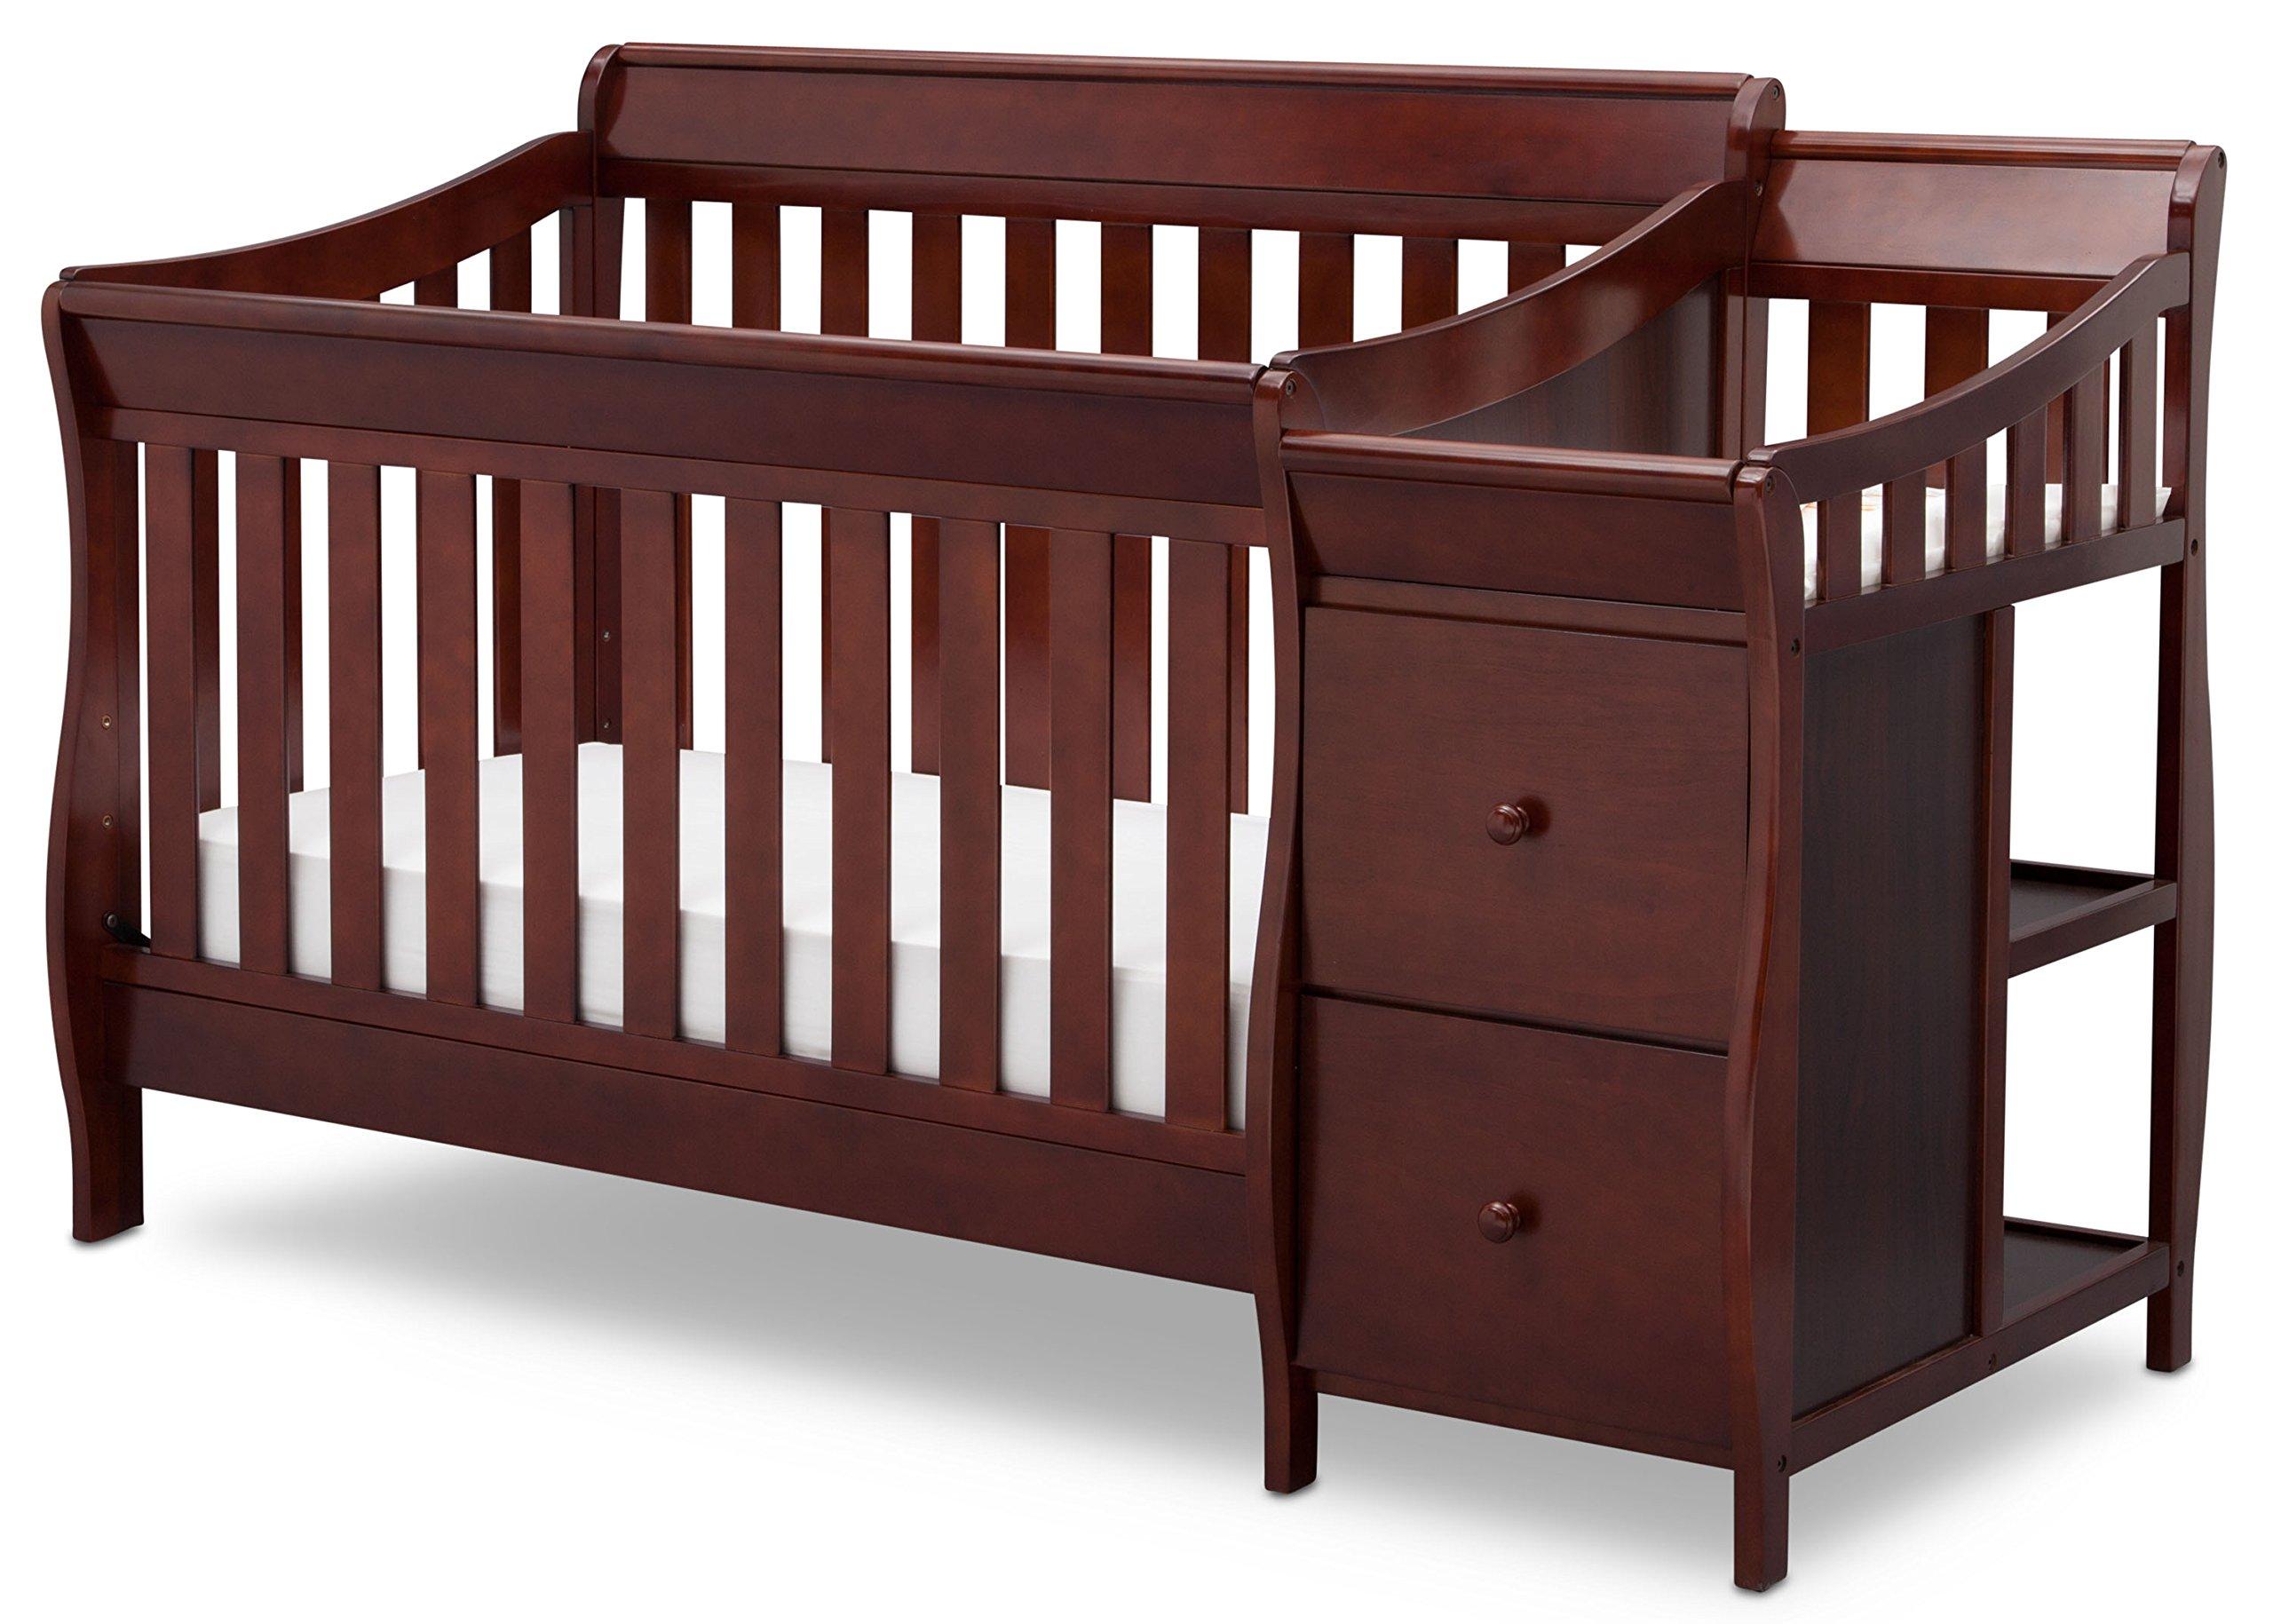 Delta Children Bentley S Convertible Crib N Changer, Black Cherry Espresso